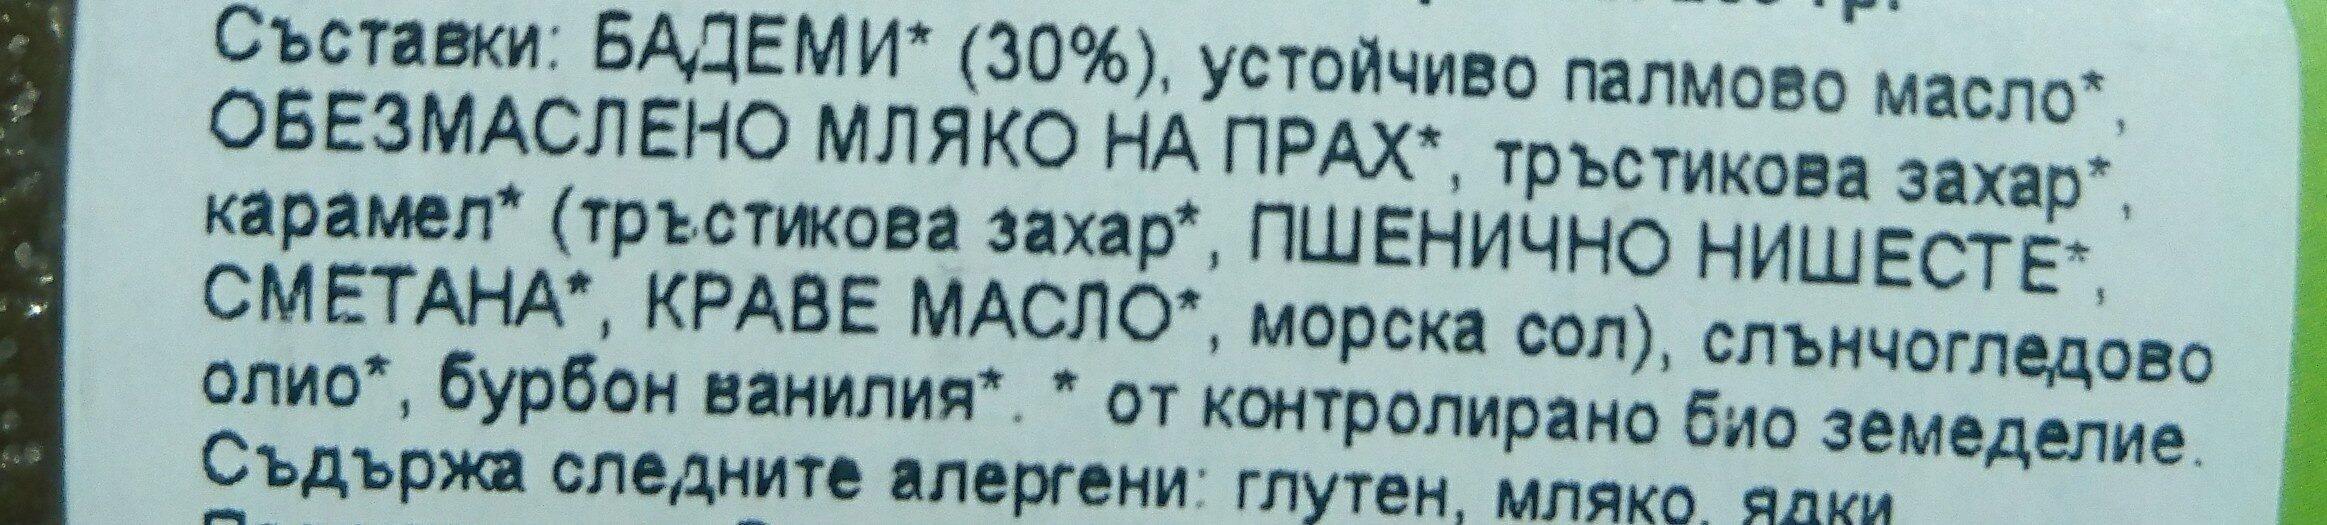 Mandel-Nougat - Ingredients